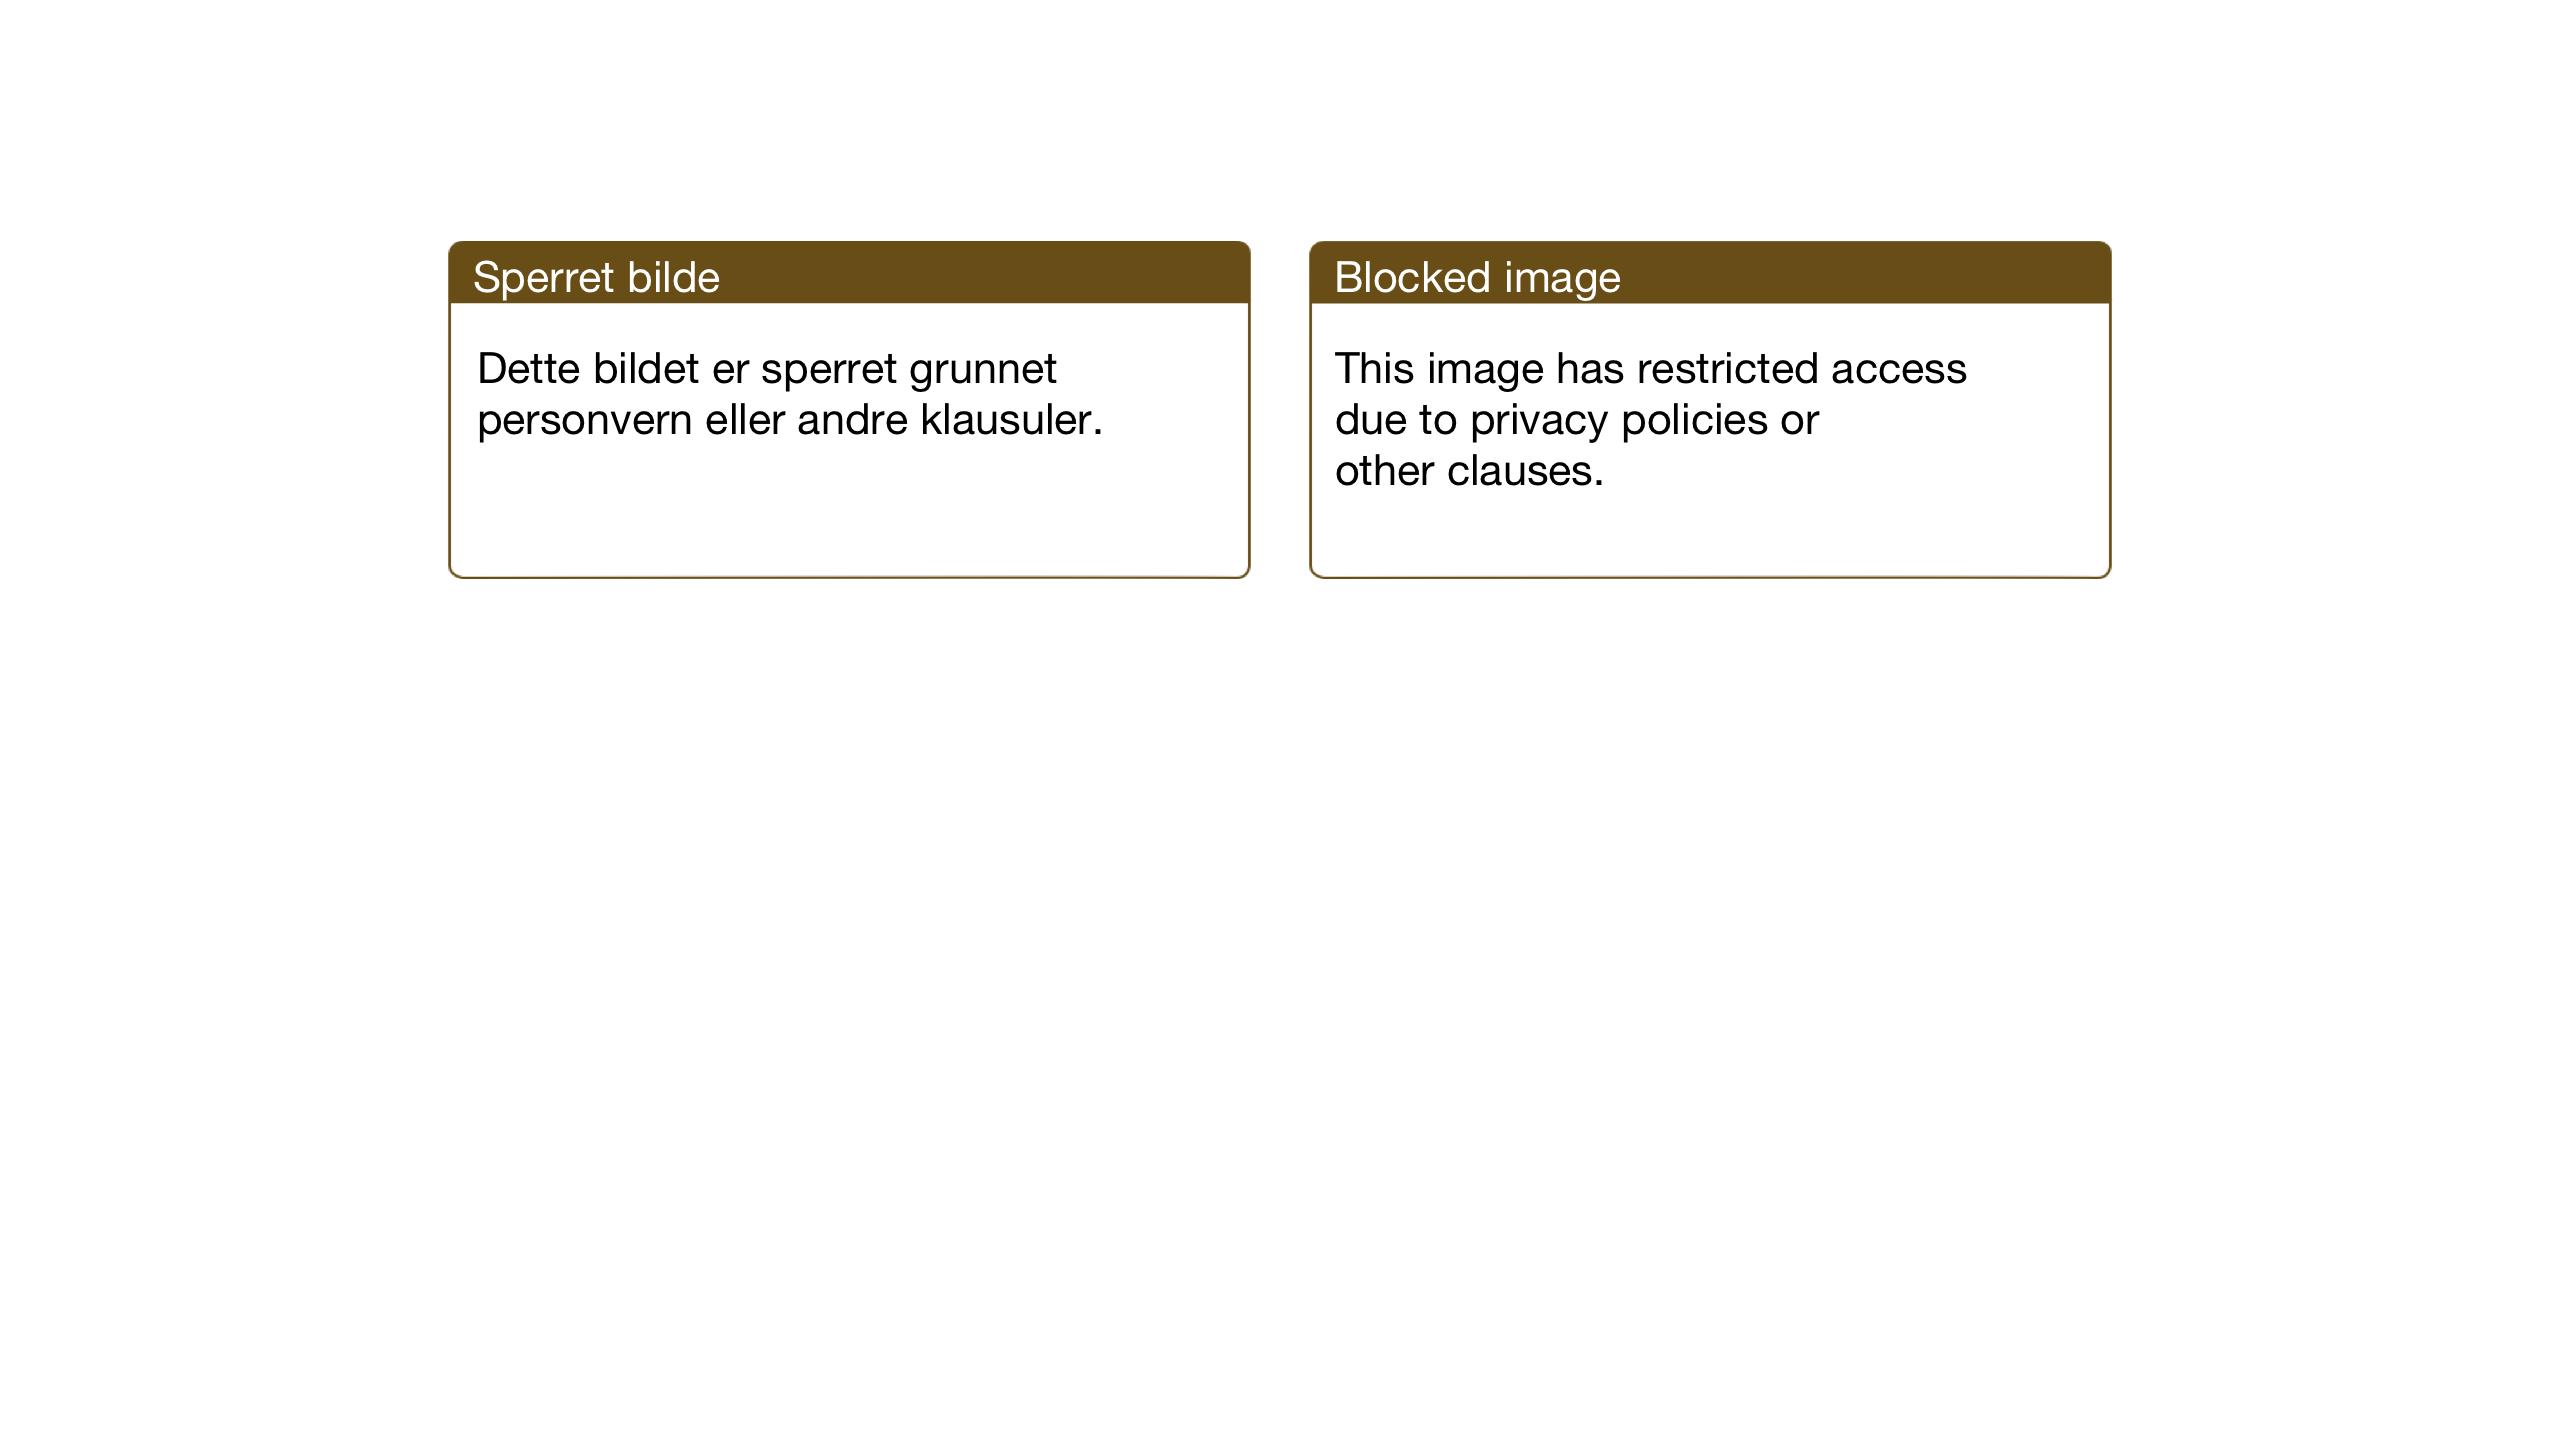 SAT, Ministerialprotokoller, klokkerbøker og fødselsregistre - Sør-Trøndelag, 668/L0820: Klokkerbok nr. 668C09, 1912-1936, s. 142